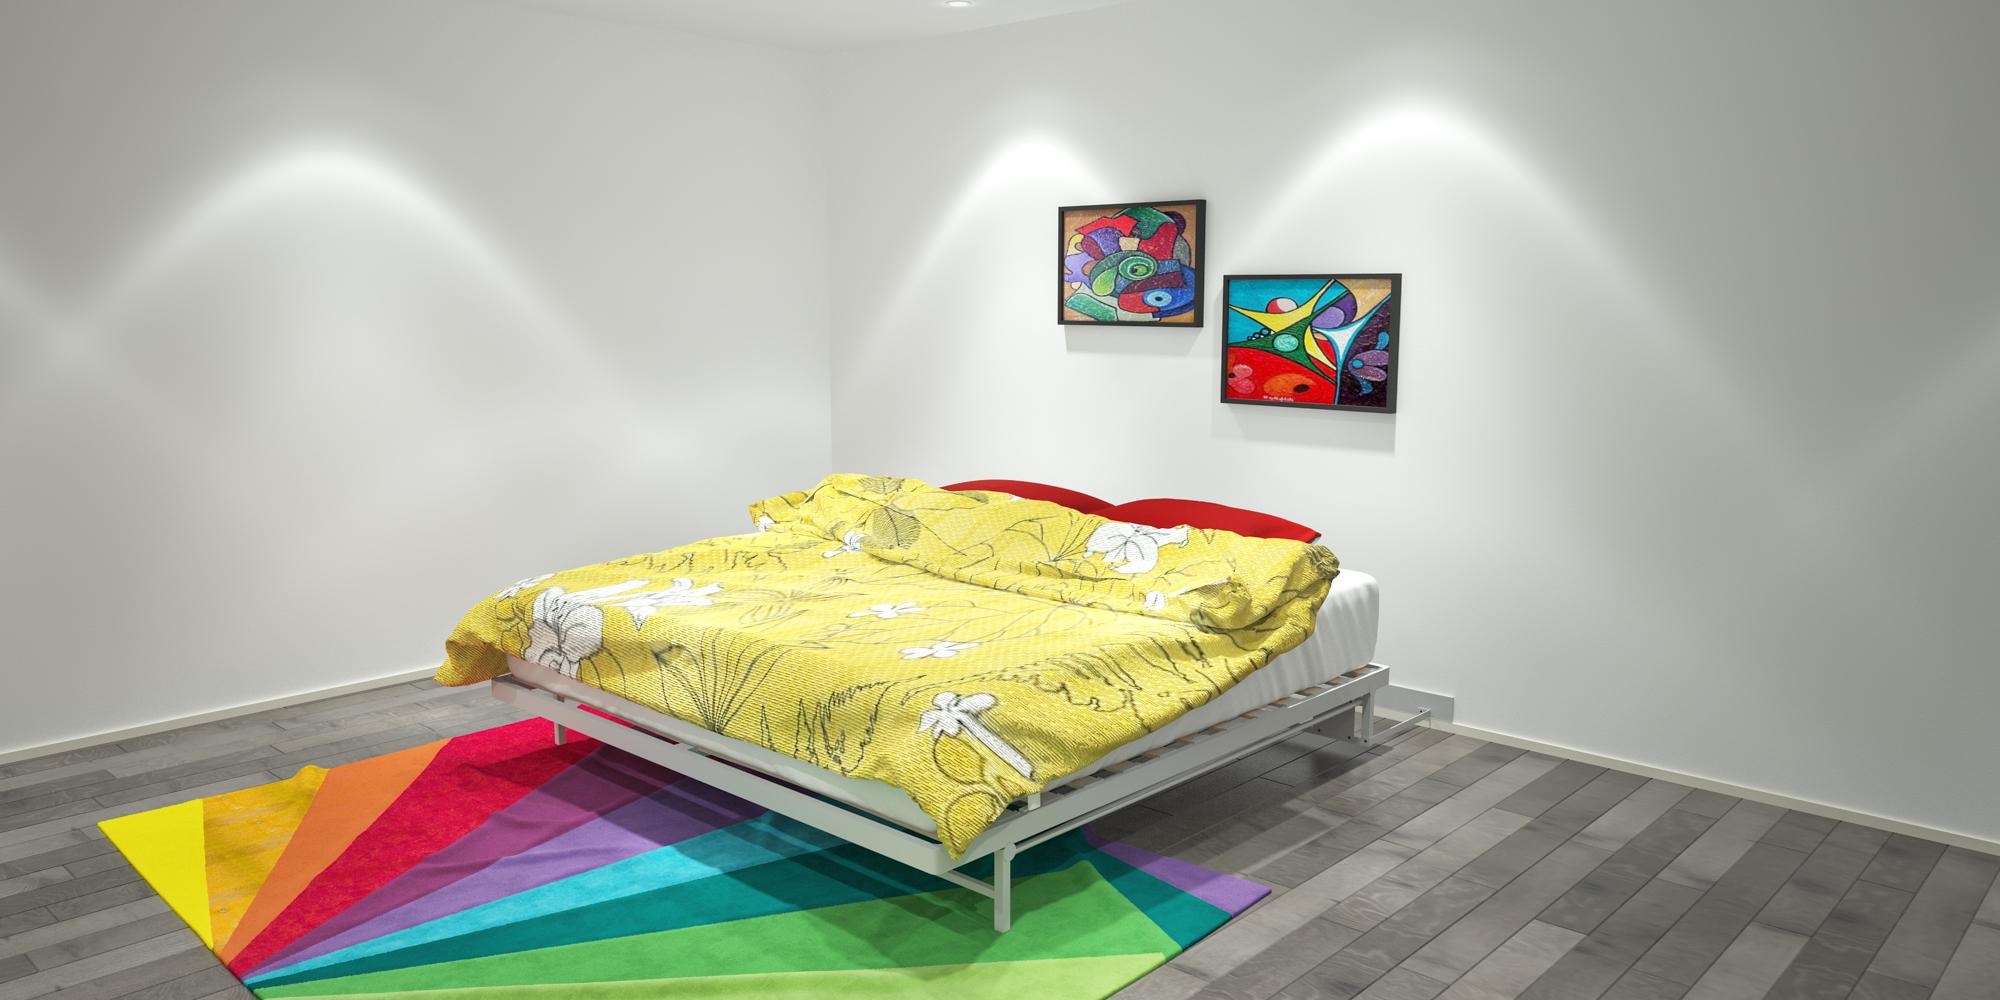 wallbeds3.jpg